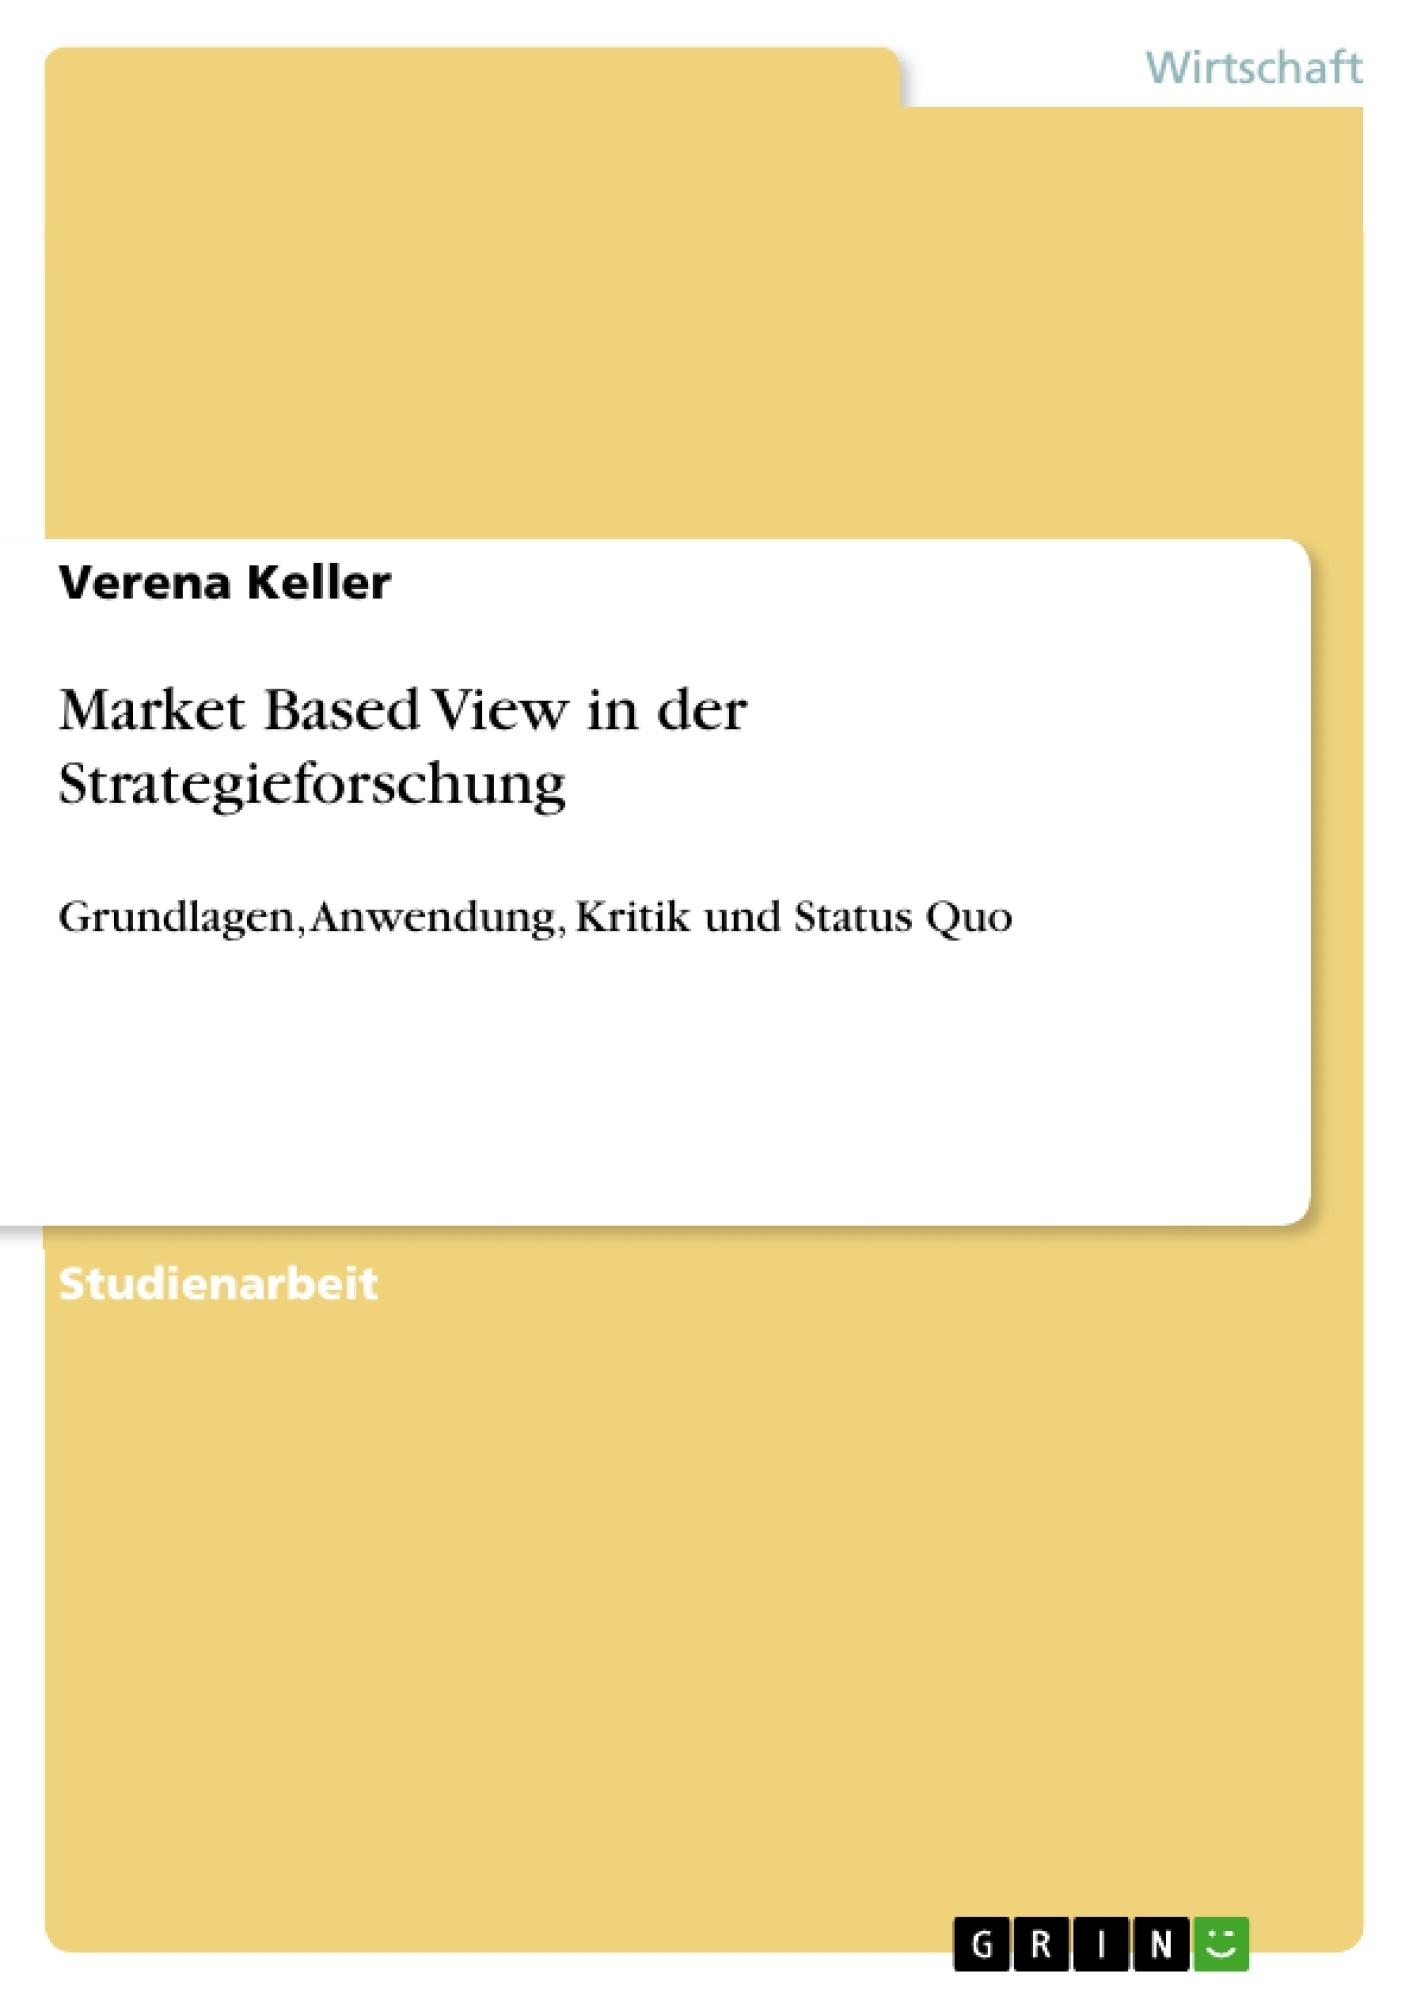 Titel: Market Based View in der Strategieforschung